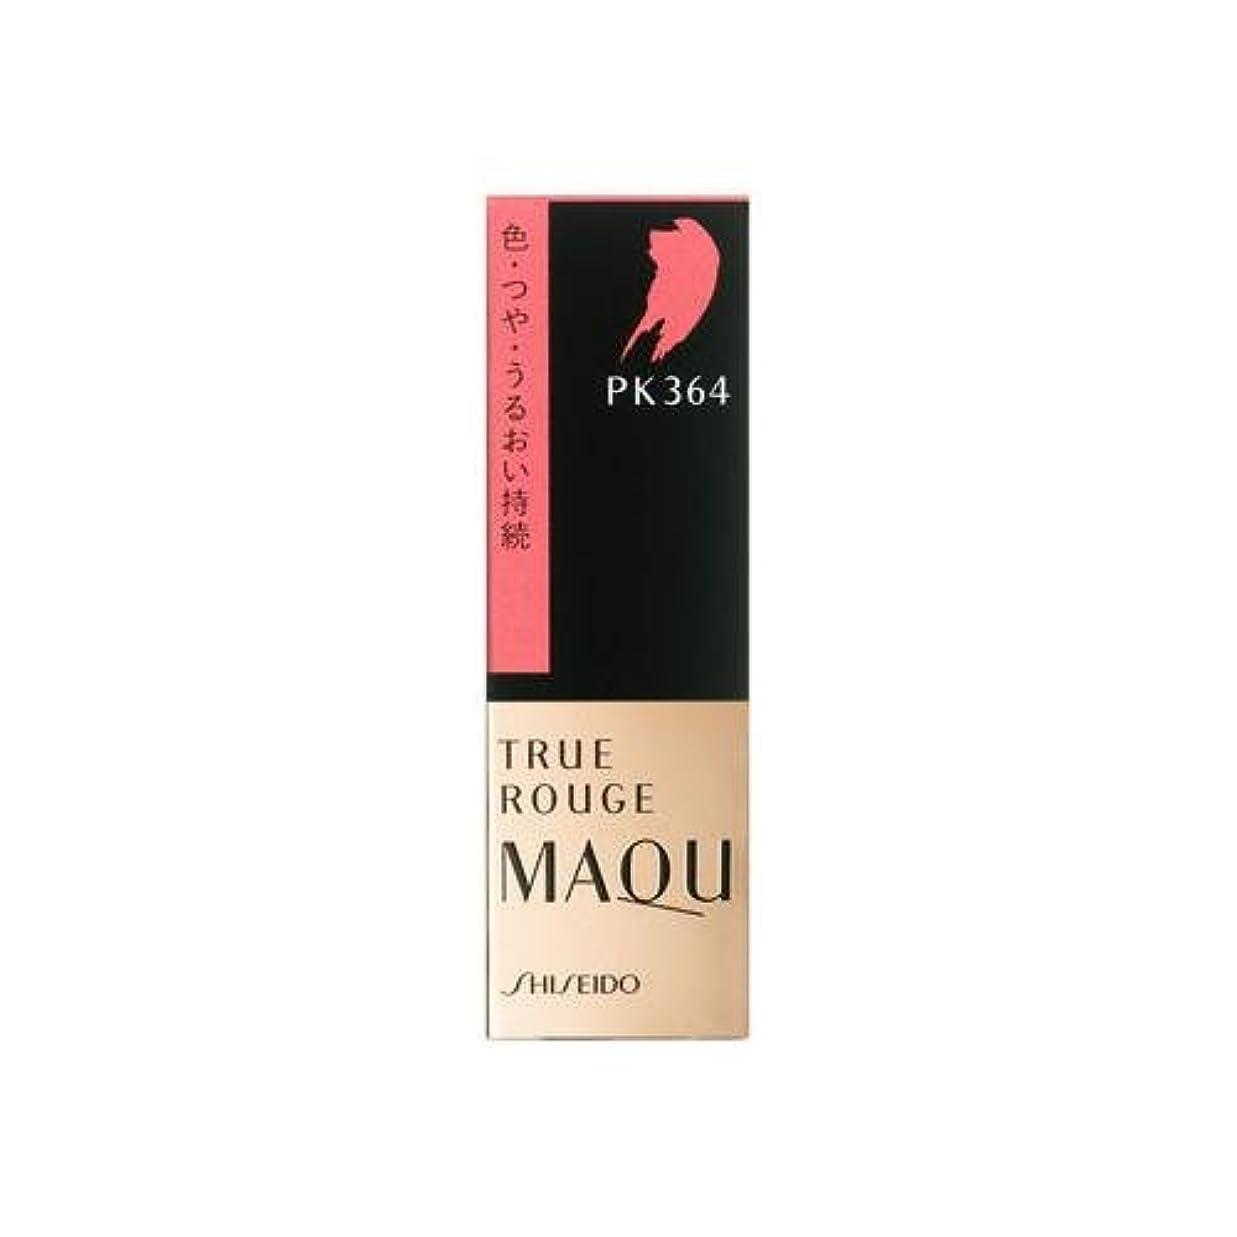 独裁花瓶充実資生堂マキアージュ トゥルールージュ - # PK364 4g/0.13oz【海外直送品】